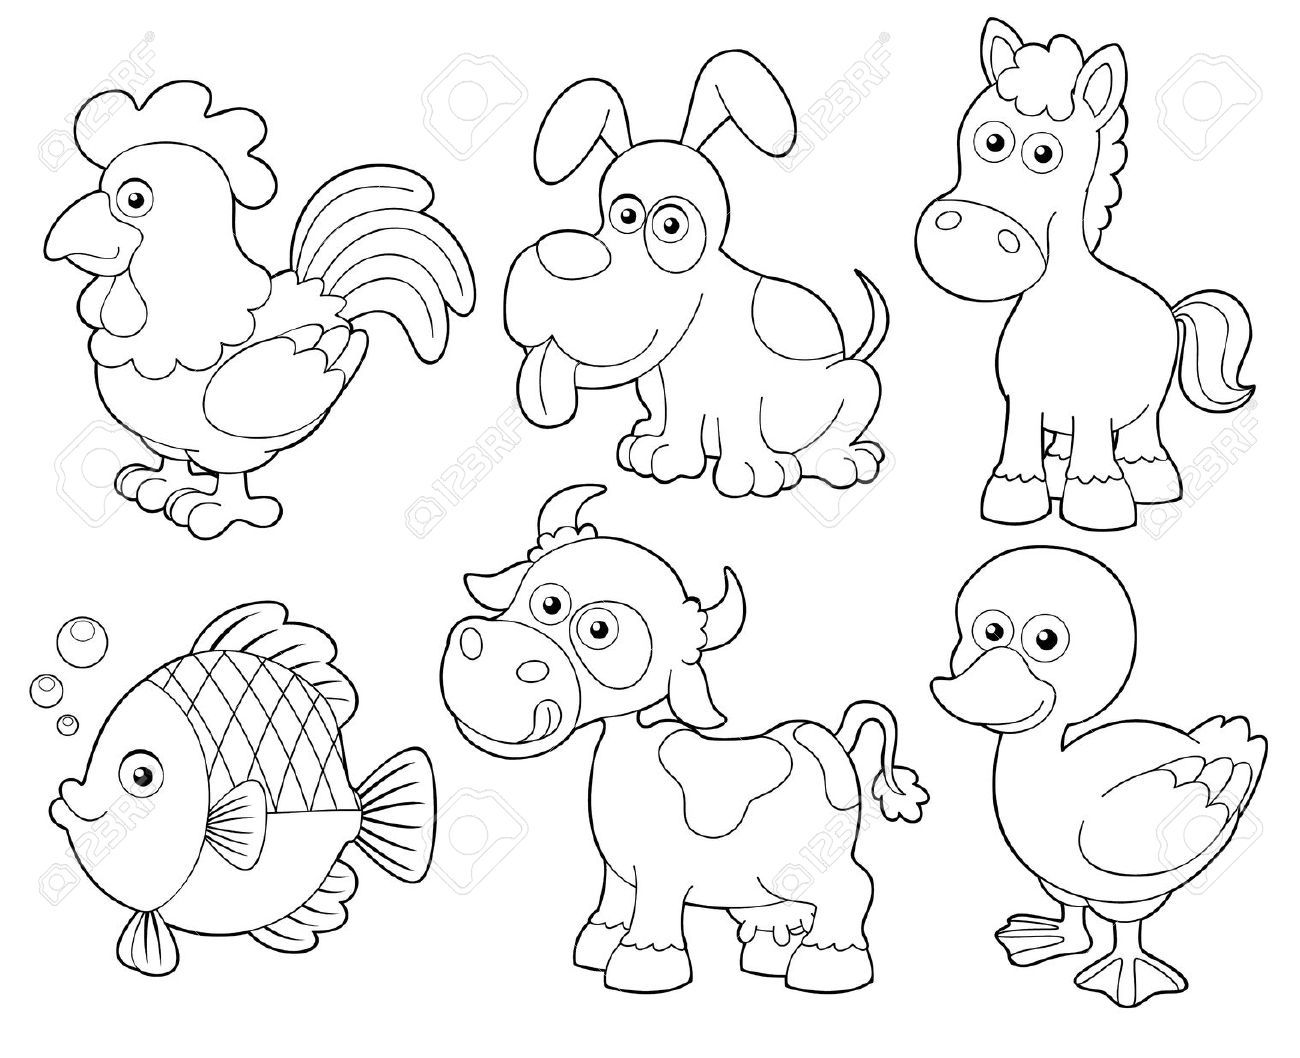 animales de la granja para colorear - Buscar con Google | tom ...